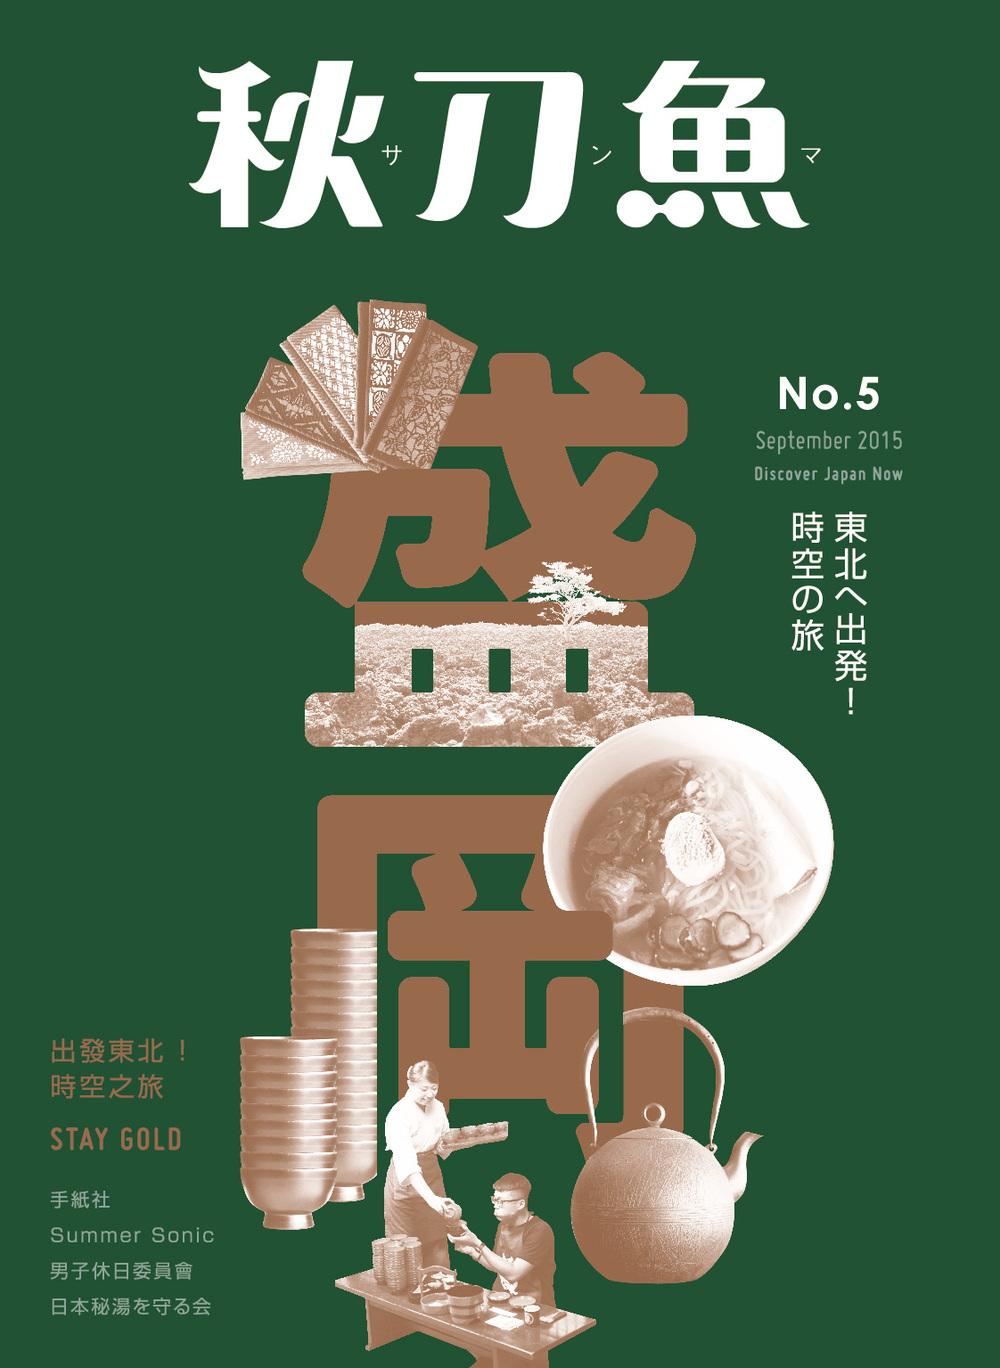 2015年9月號  第5期    〈出發東北  !時空之旅〉